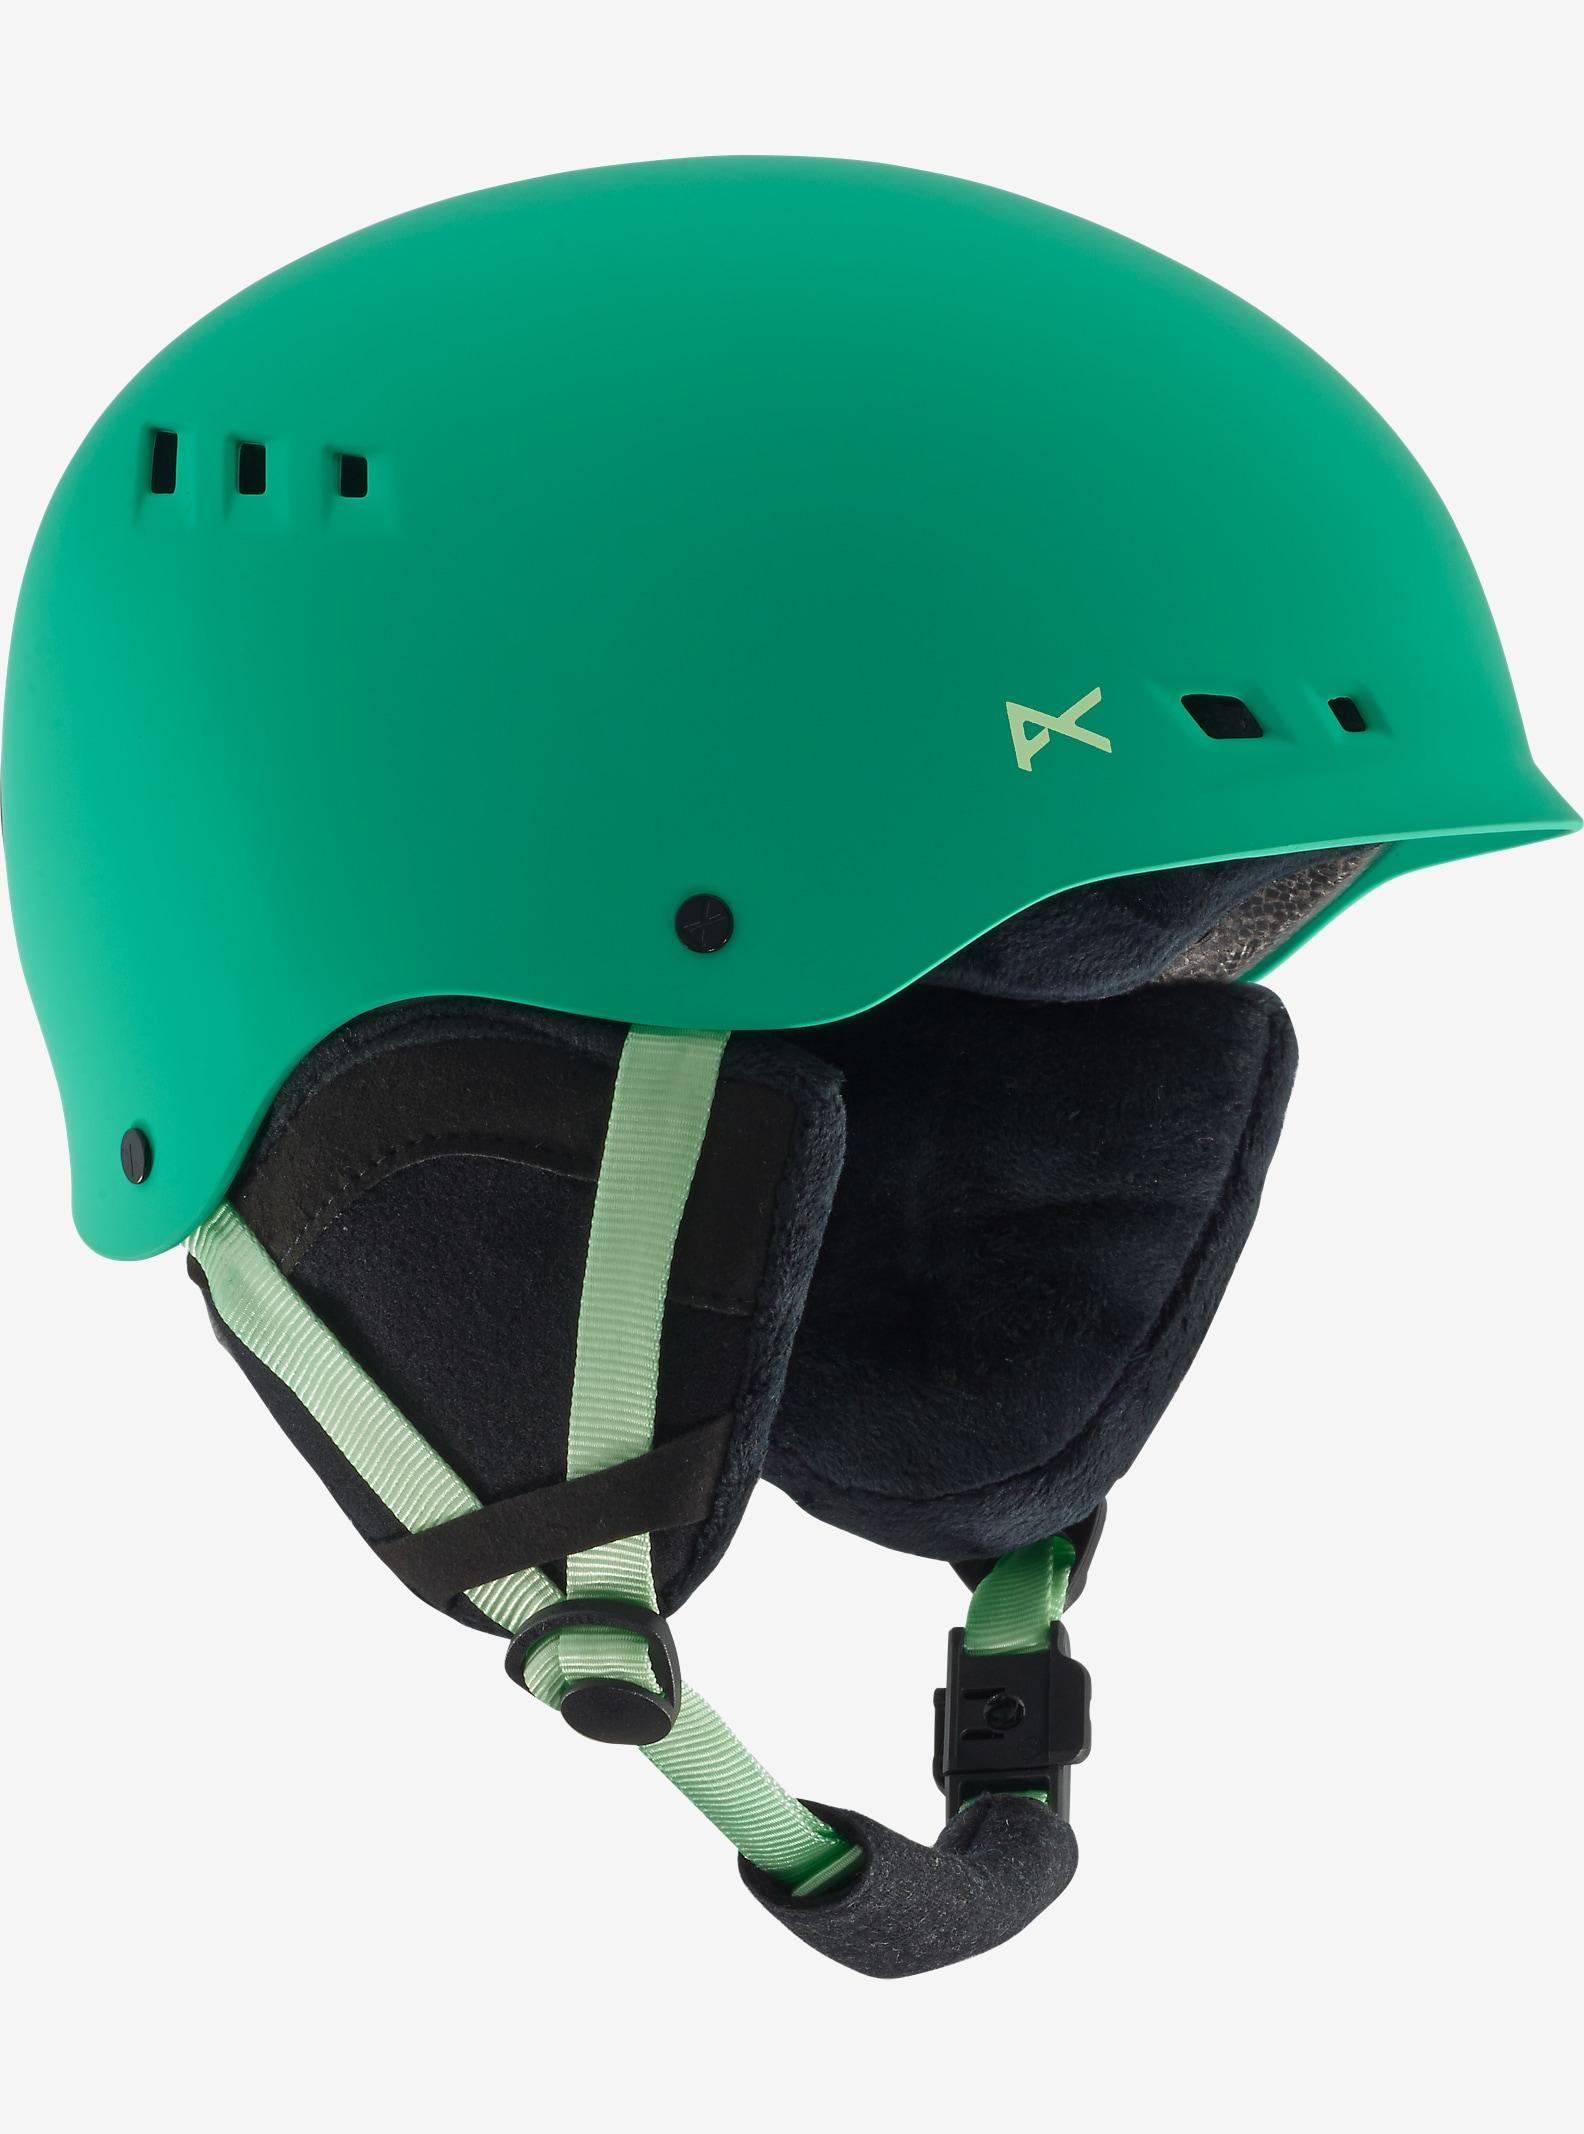 anon. Wren Helmet shown in Seacrest Green